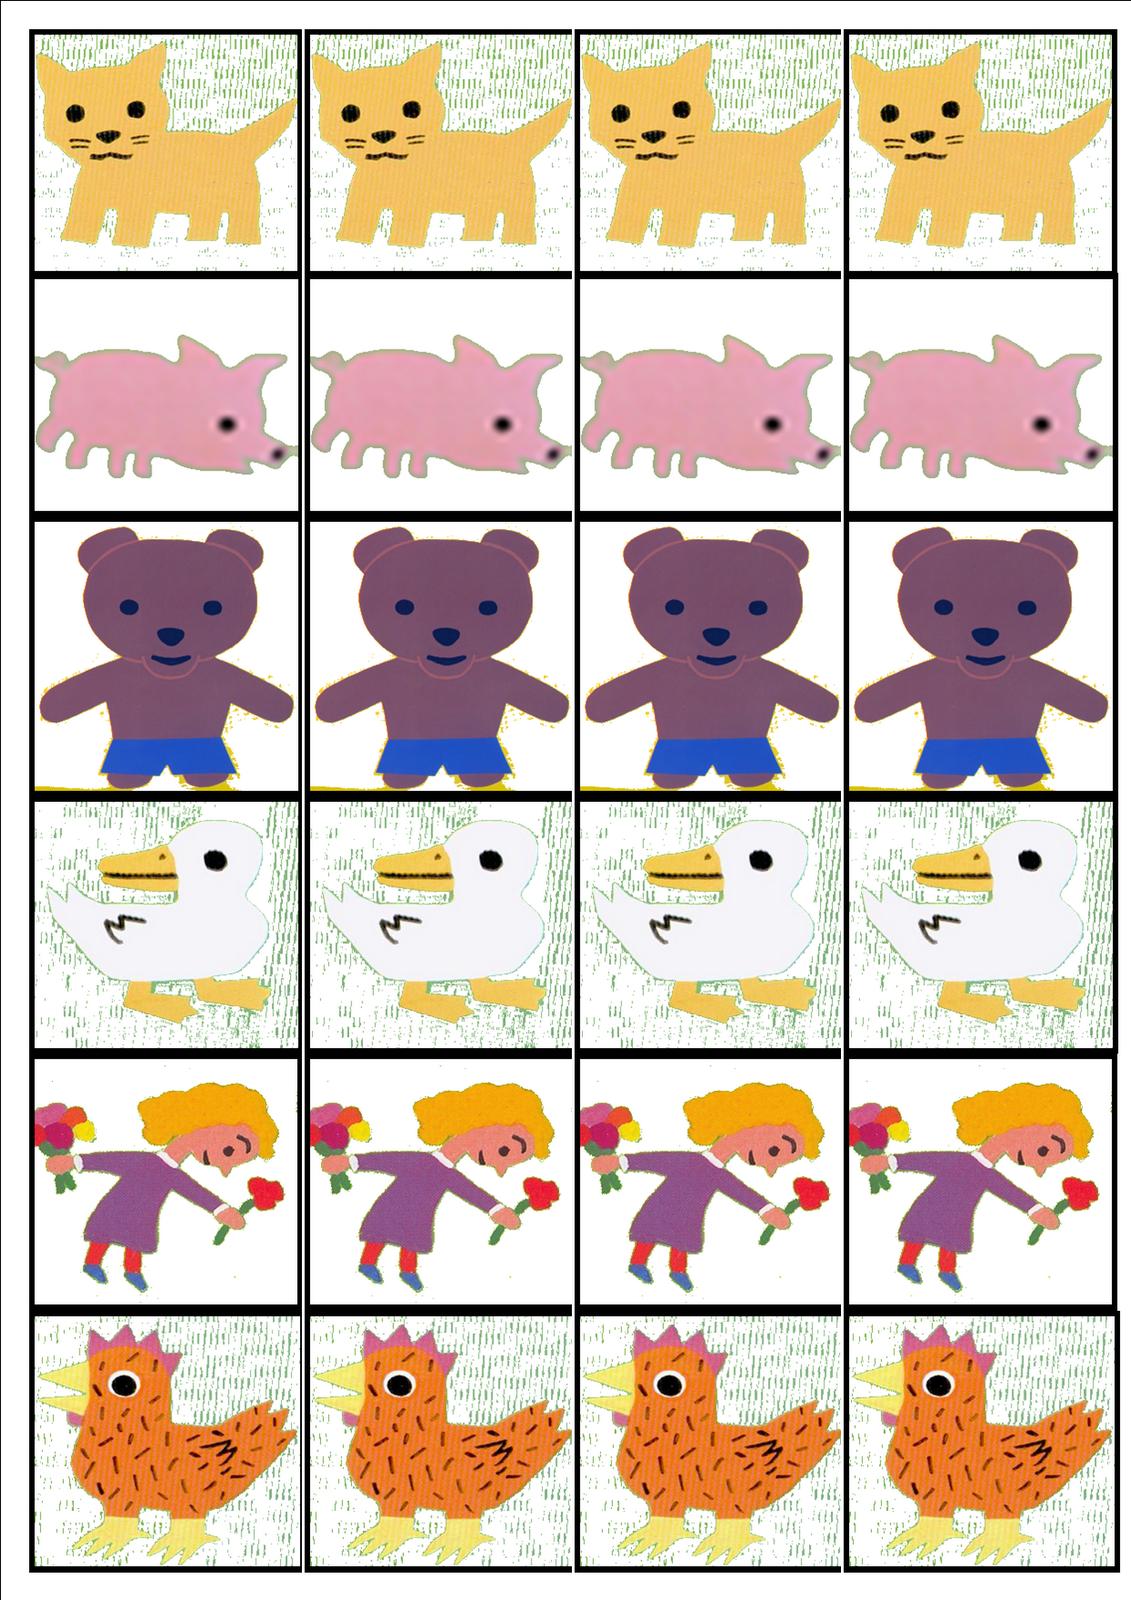 La Petite Poule Rousse Maternelle : petite, poule, rousse, maternelle, Petite, école, Prairie, Maternelle, Naternelle, Travail, Poule, Rousse